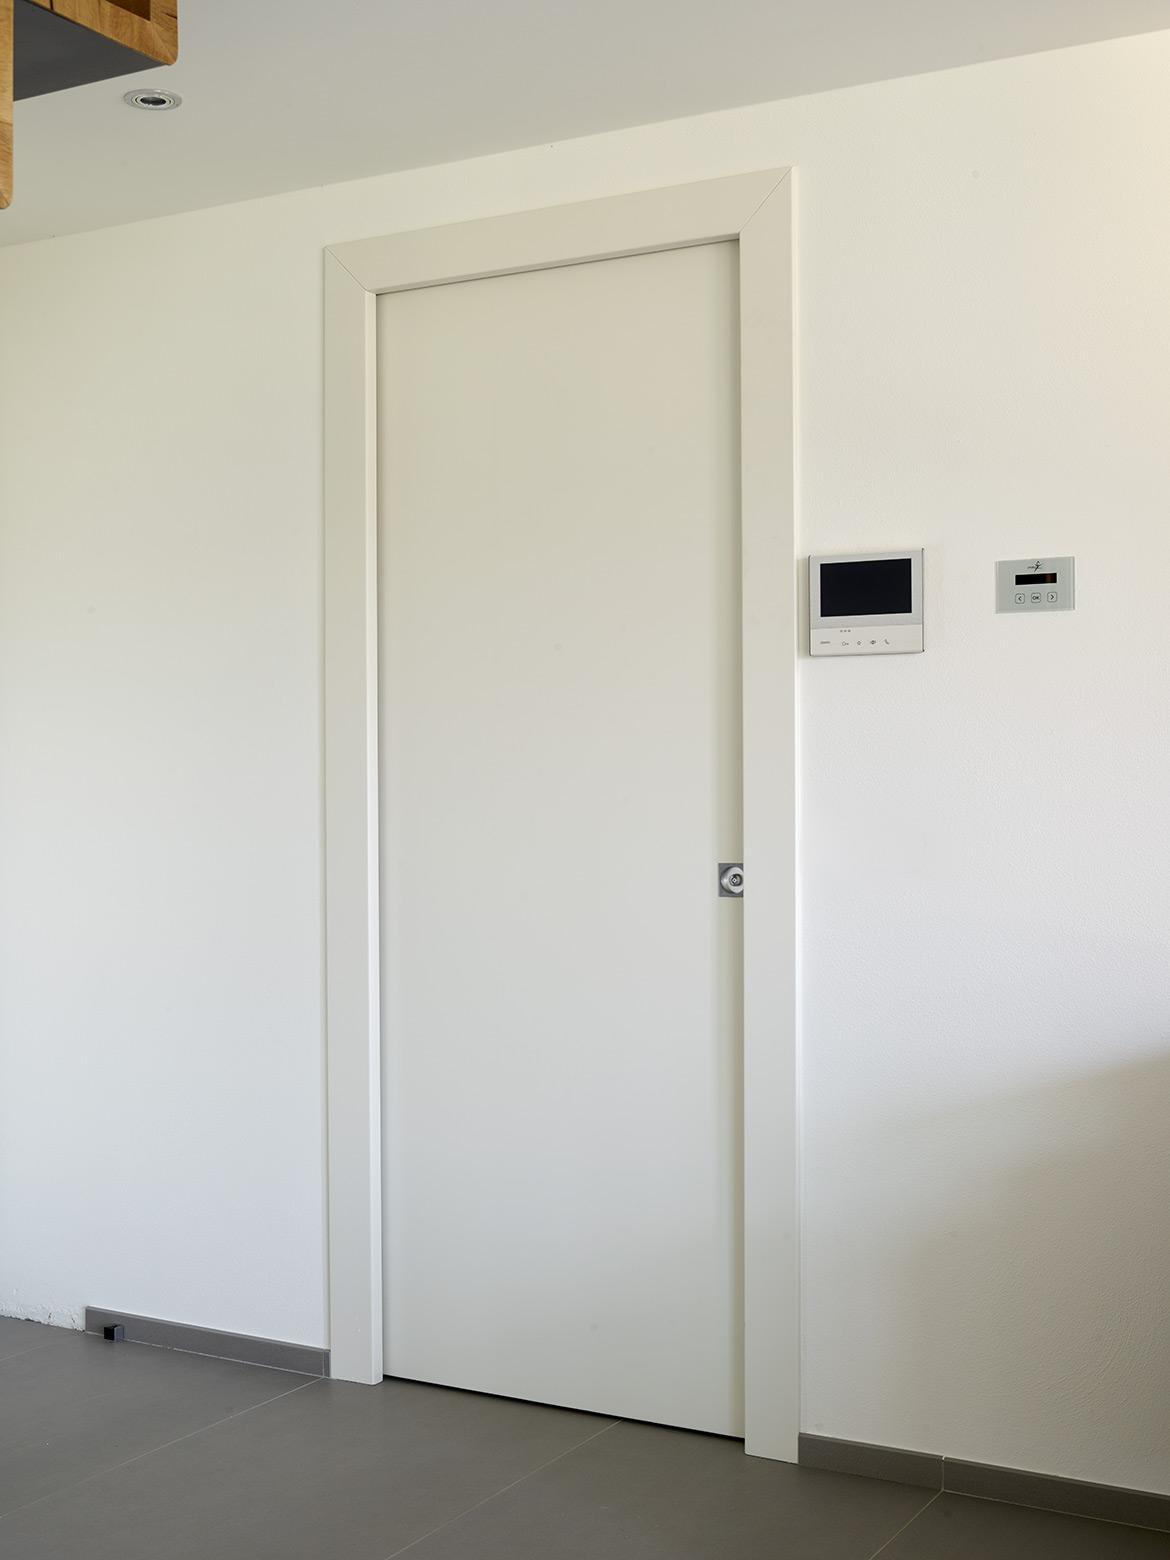 Appartamento- scorrevole alzante tipo Imago